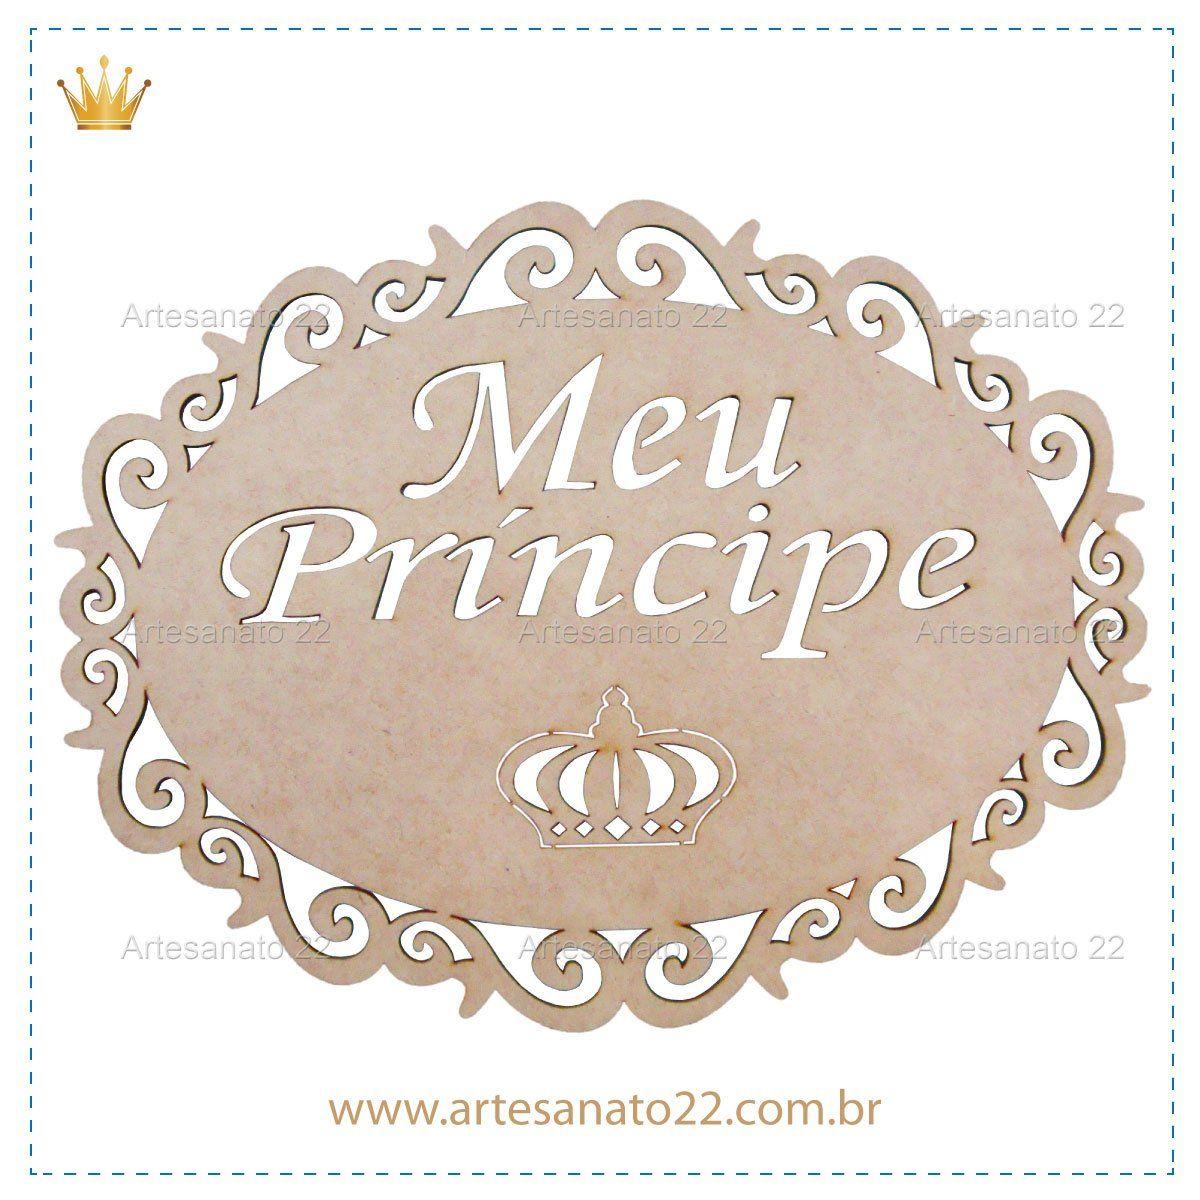 Quadro meu Príncipe em M.D.F Venha Conhecer nossa loja Física. Rua da cantareira 56 - SP , Prox. á 25 de março  Enviamos para todo o Brasil. Dúvidas (11) 3311 - 1320.